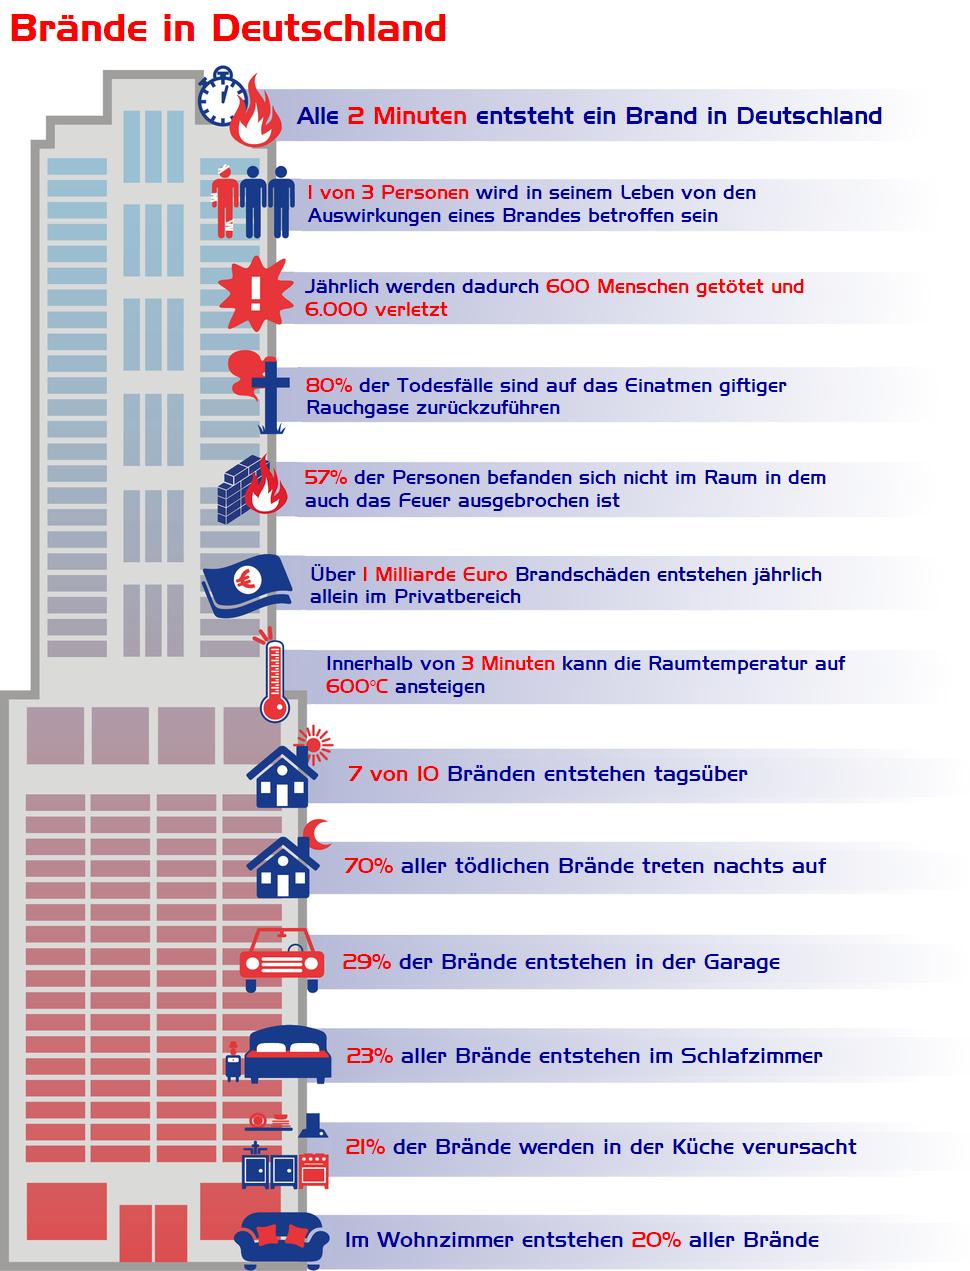 Nullifire Infographic Braende in Deutschland